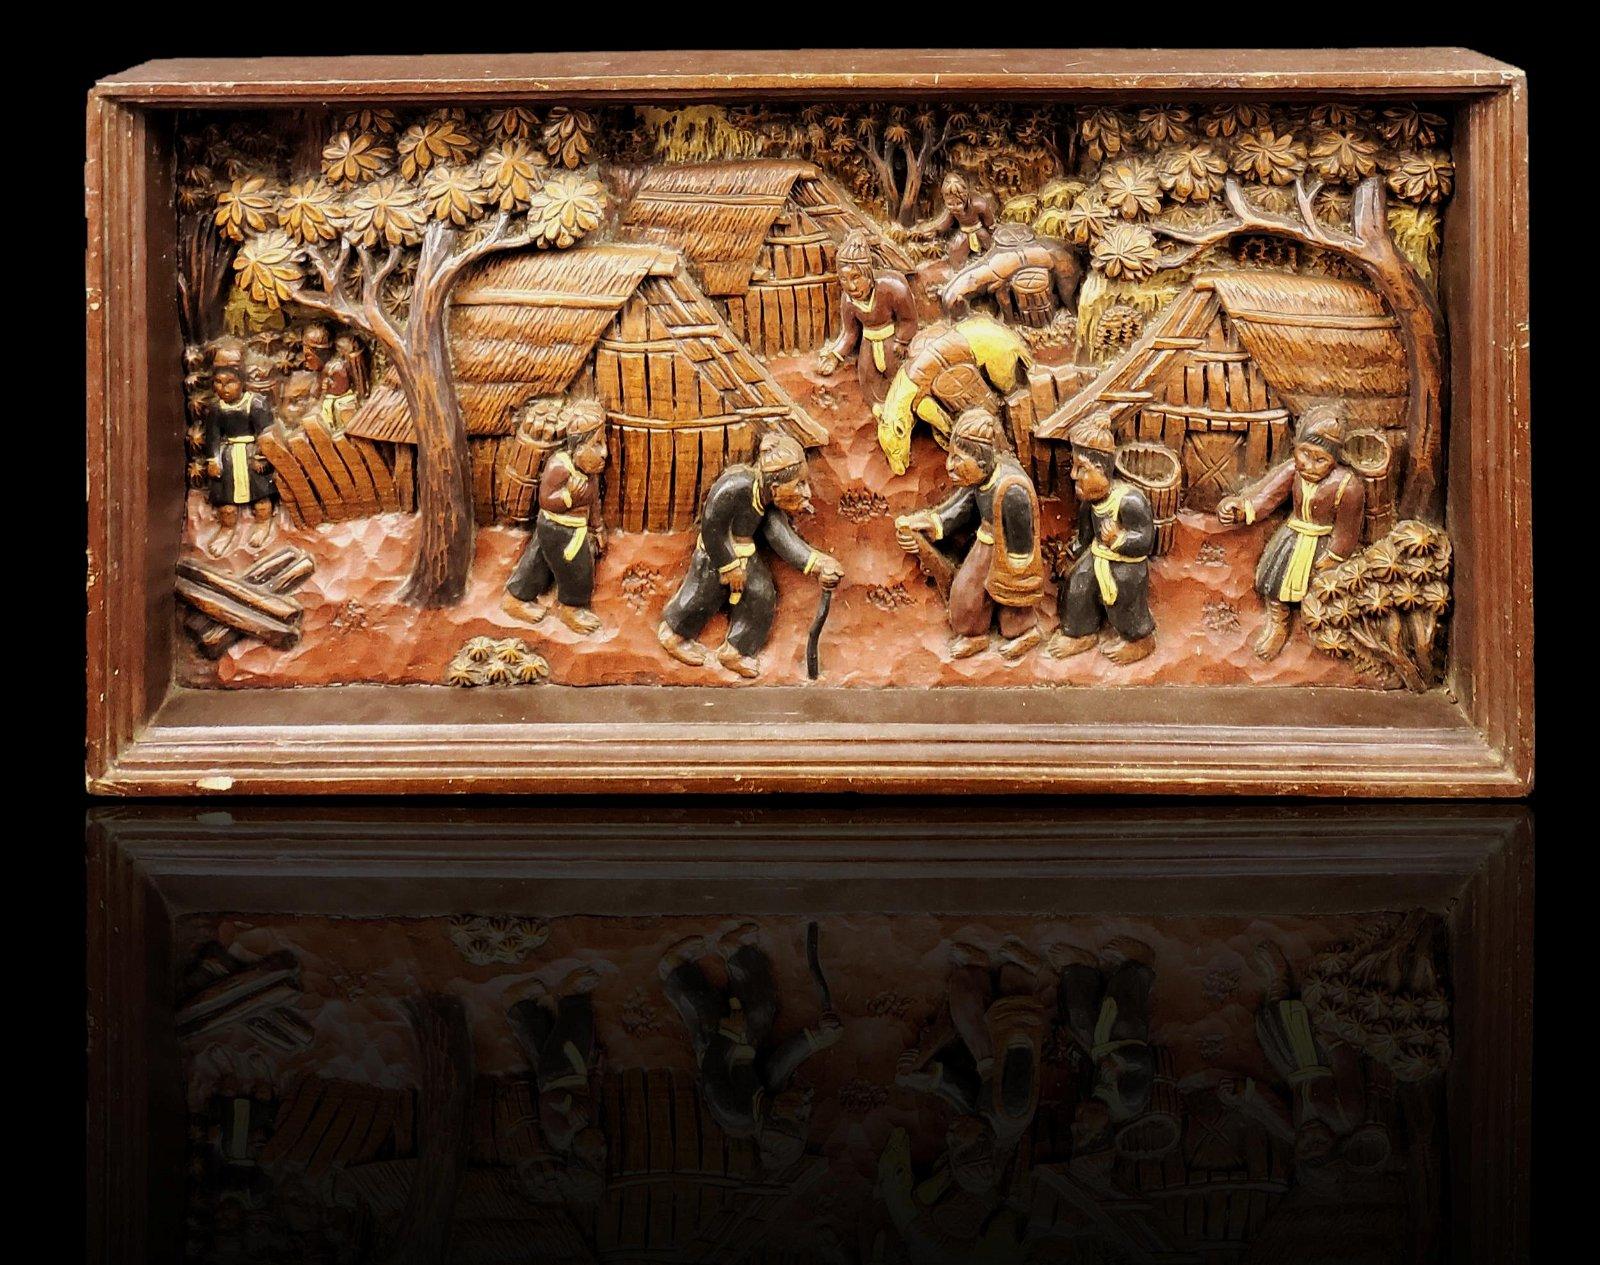 Vintage carved wooden Asian sculpture